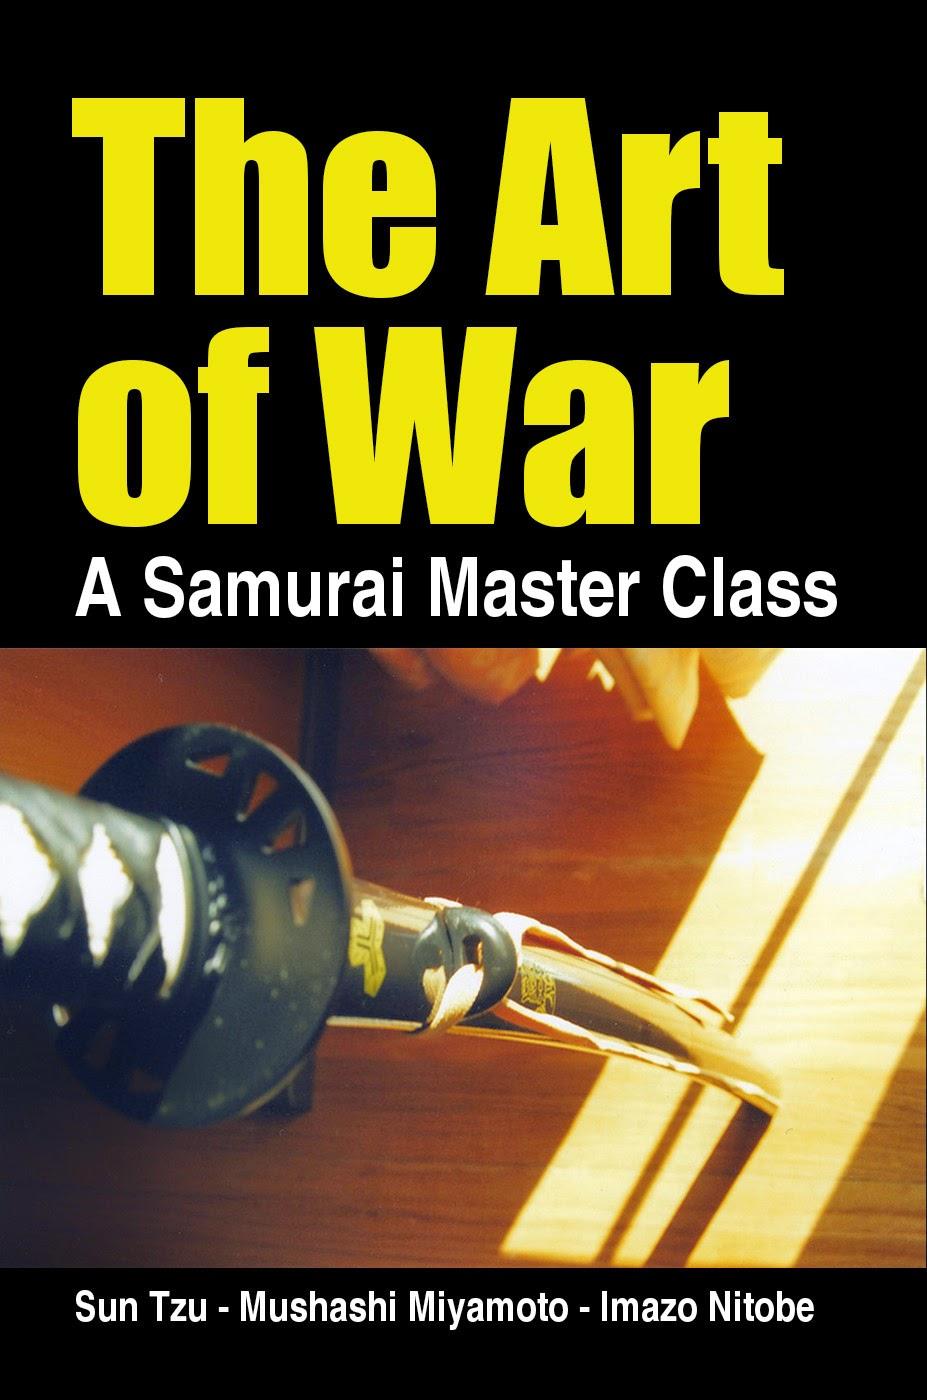 The Art of War, A Samurai Master Class - with Sun Tzu, Mushashi Miyamoto, and Imazo Nitobe